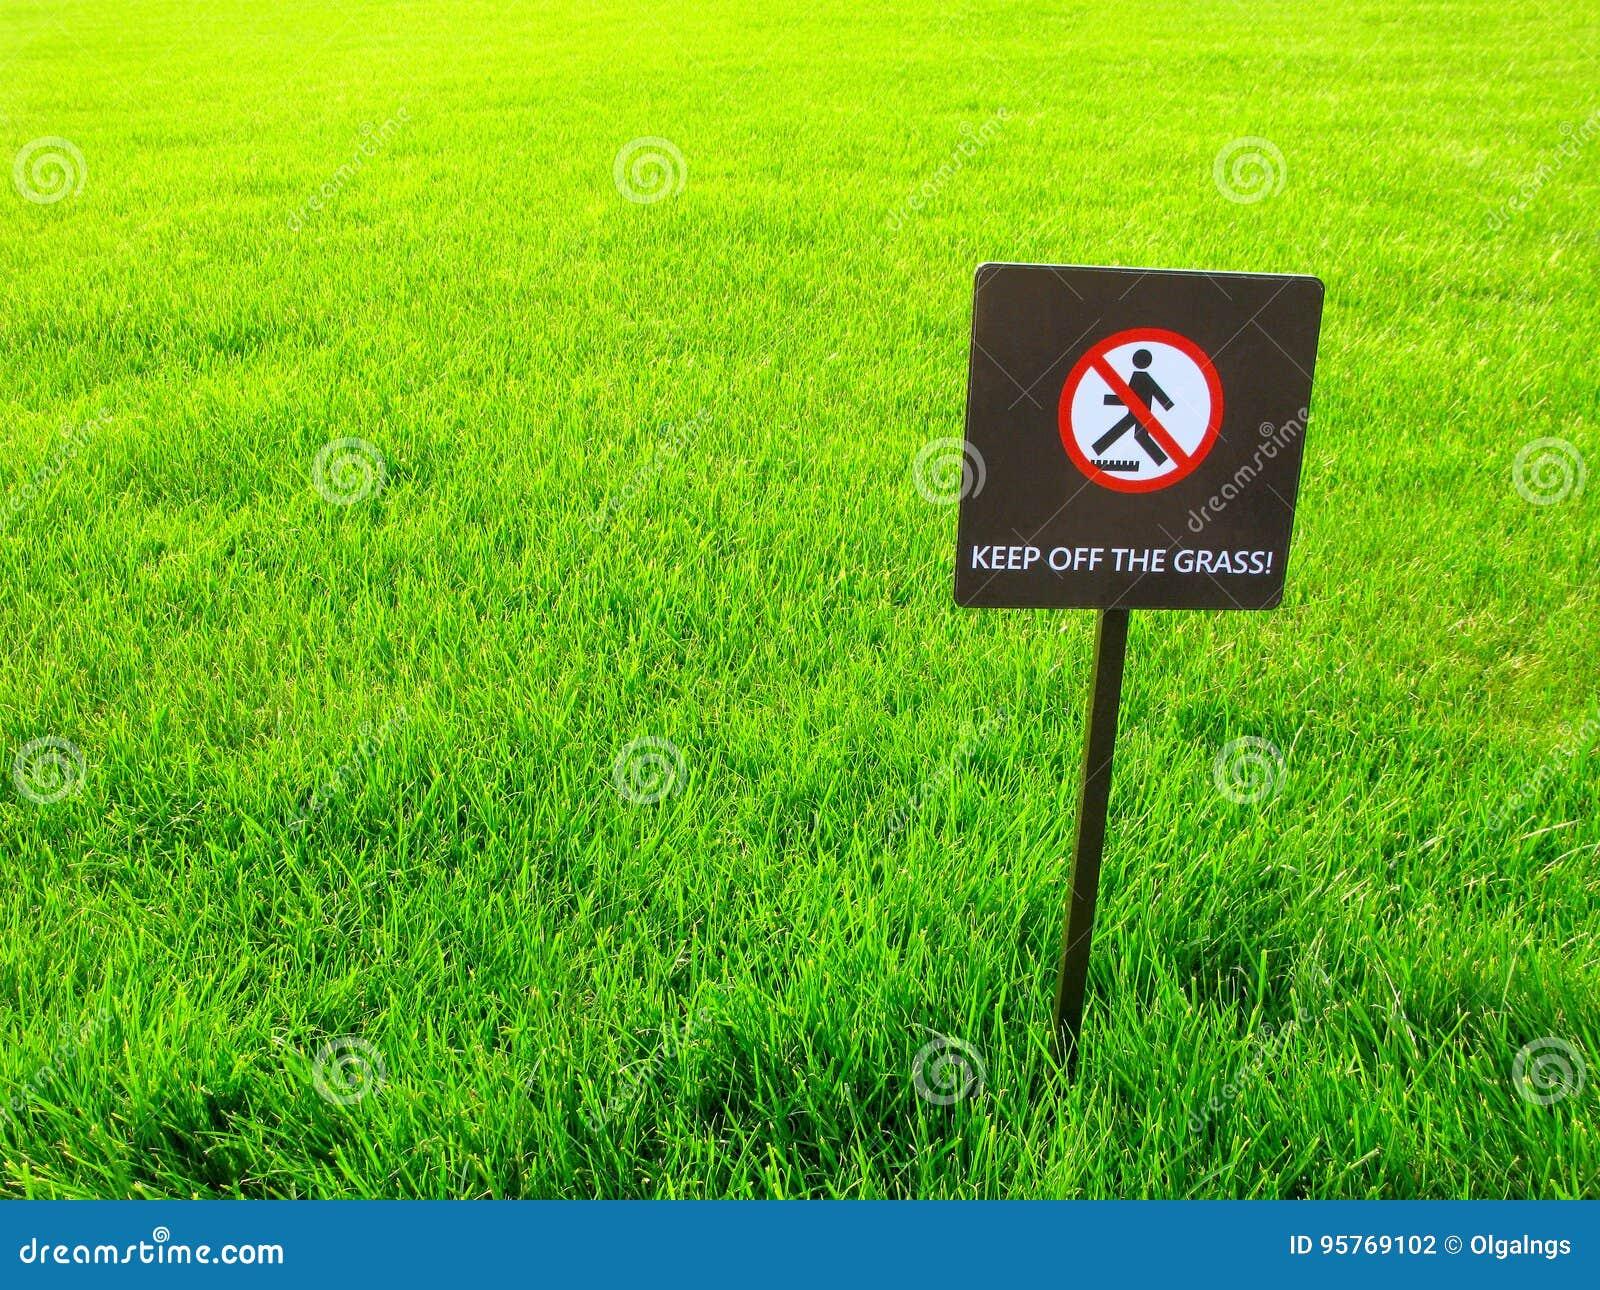 Uppehälle av gräset, varningstecken